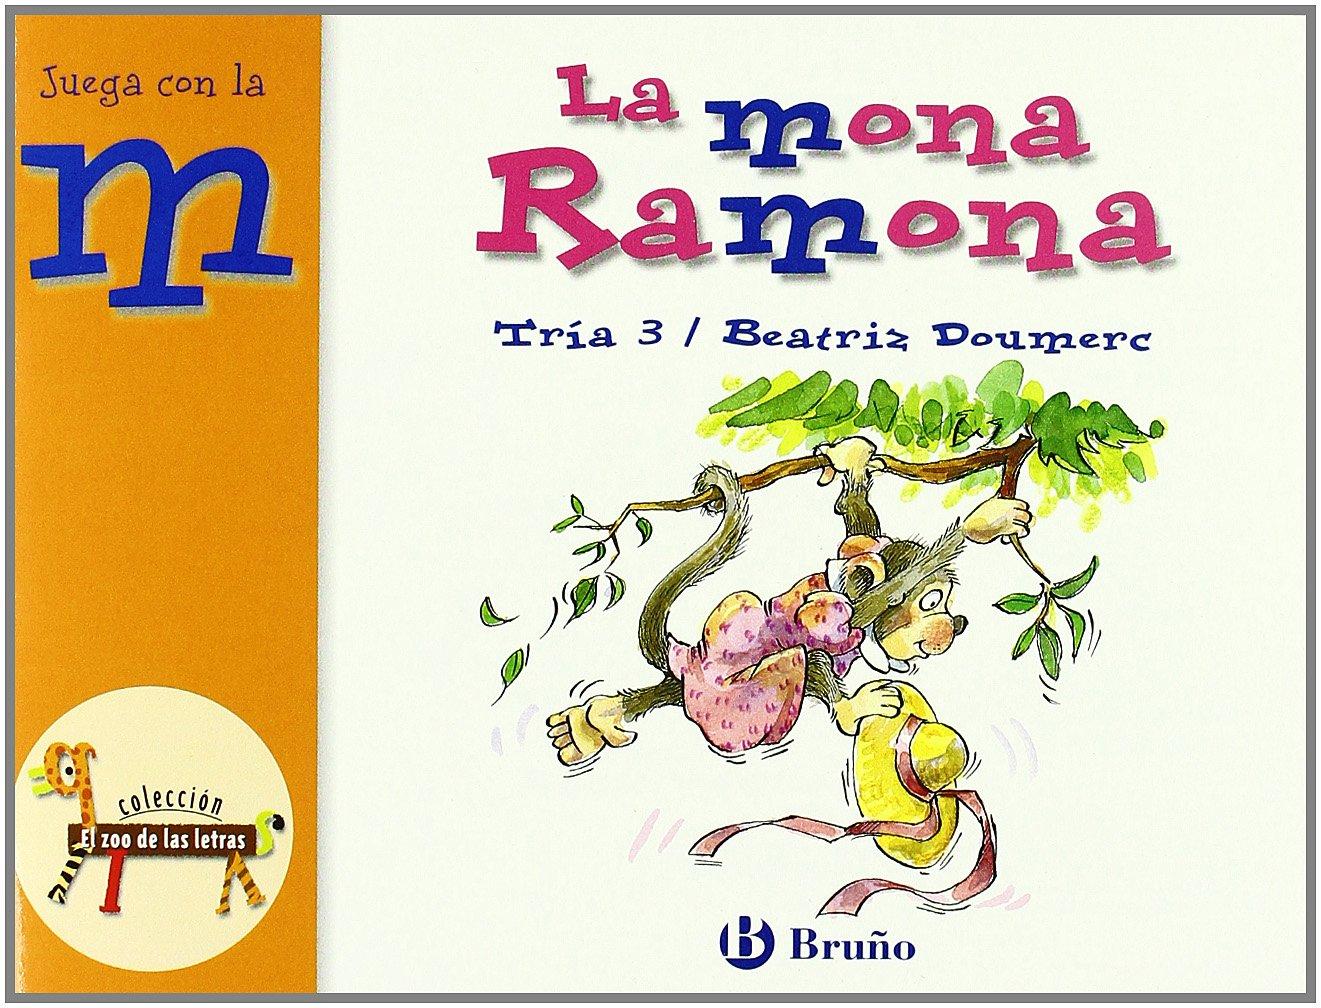 La mona Ramona: Juega con la m Castellano - A Partir De 3 Años - Libros  Didácticos - El Zoo De Las Letras: Amazon.es: Beatriz Doumerc, Tría 3:  Libros